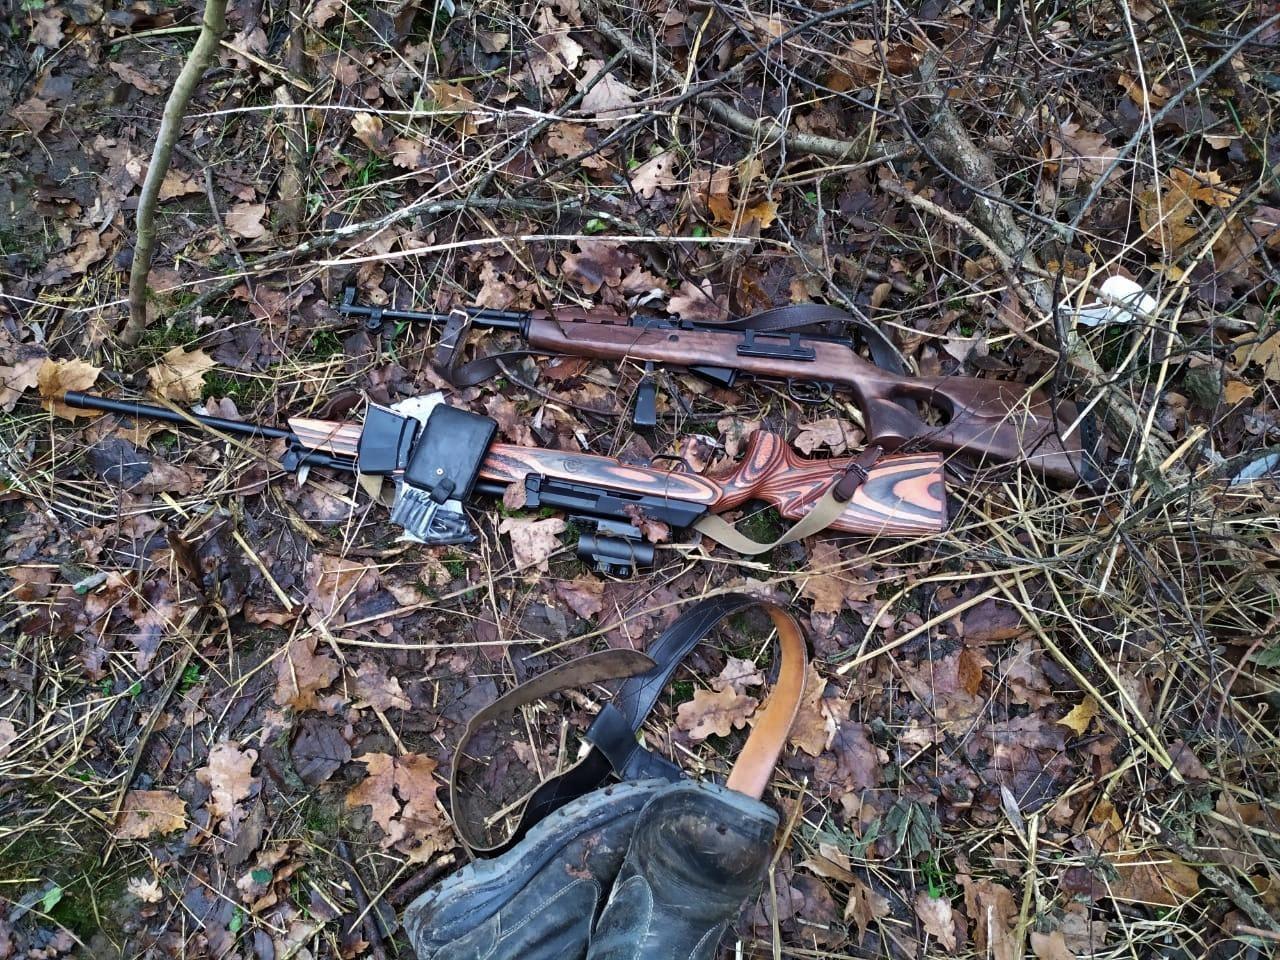 Охотник застрелил приятеля, перепутав его с животным